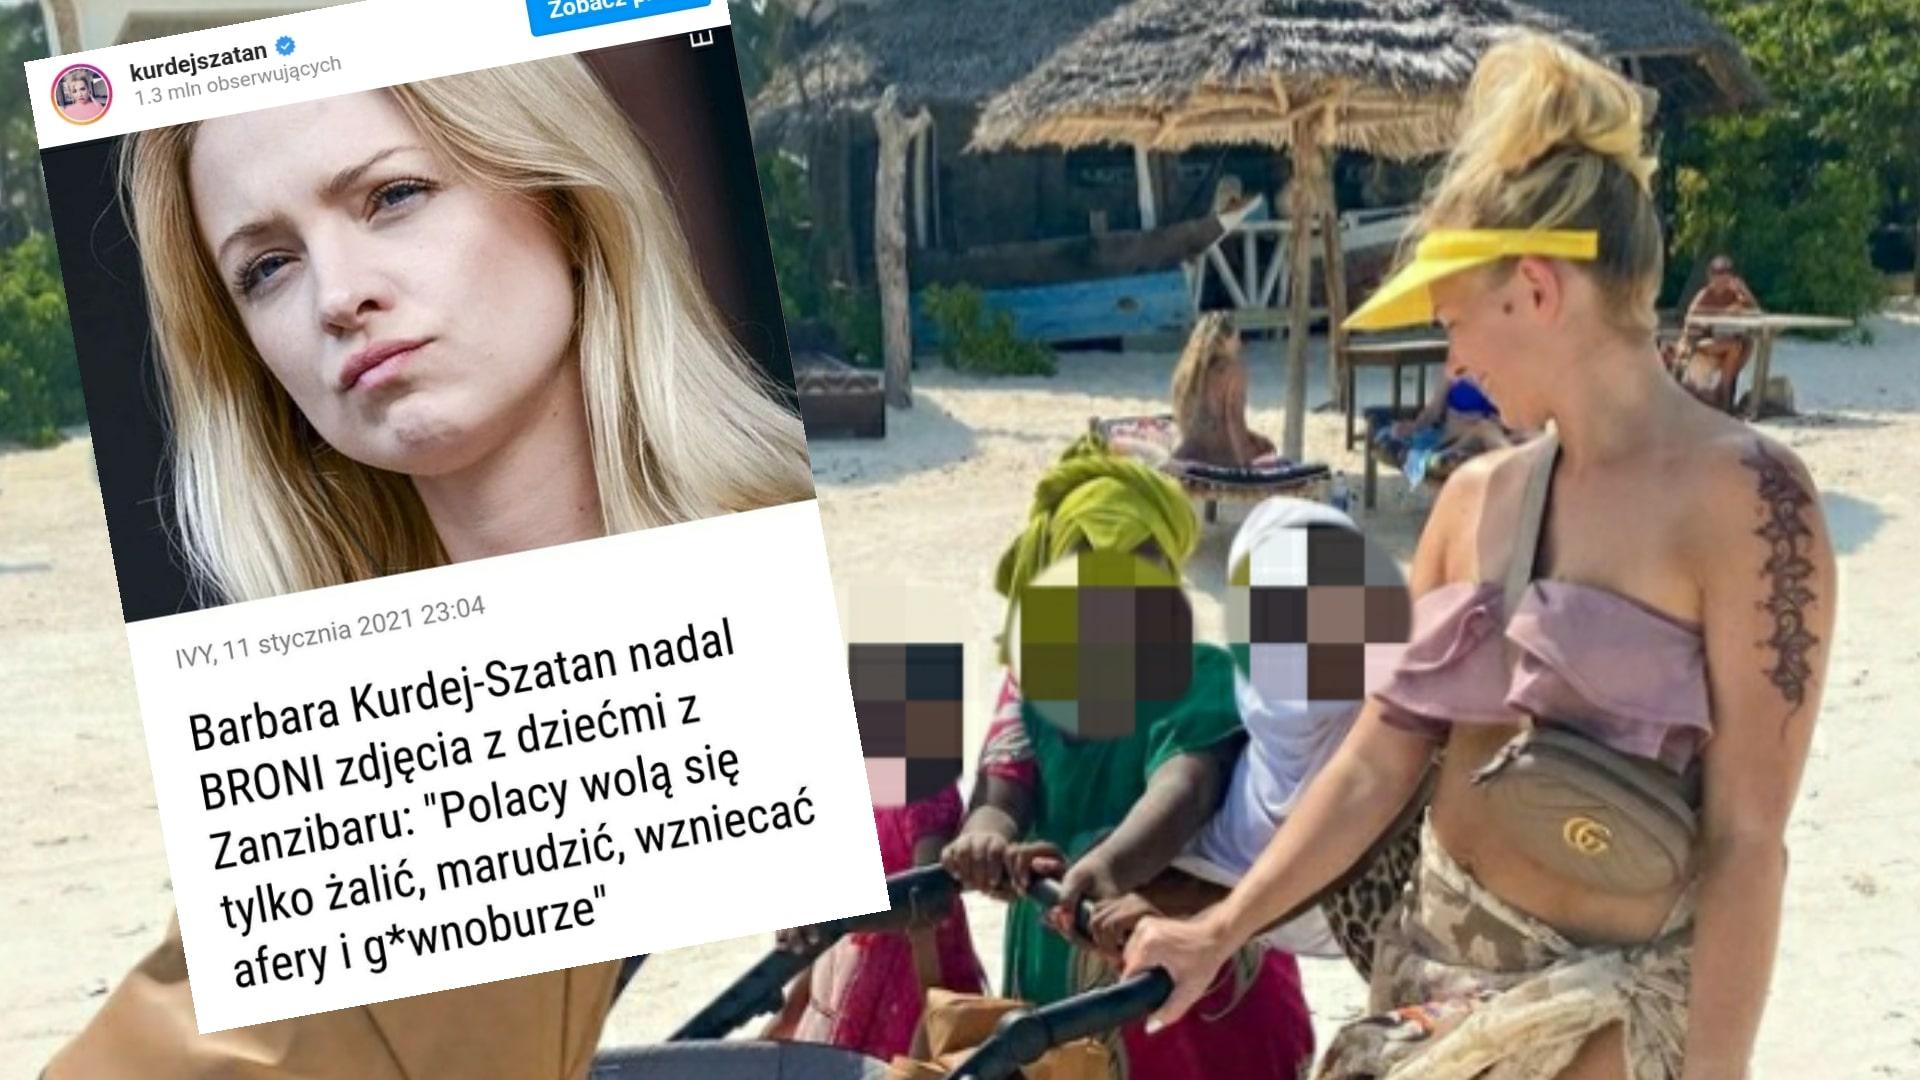 Instagram Barbary Kurdej-Szatan